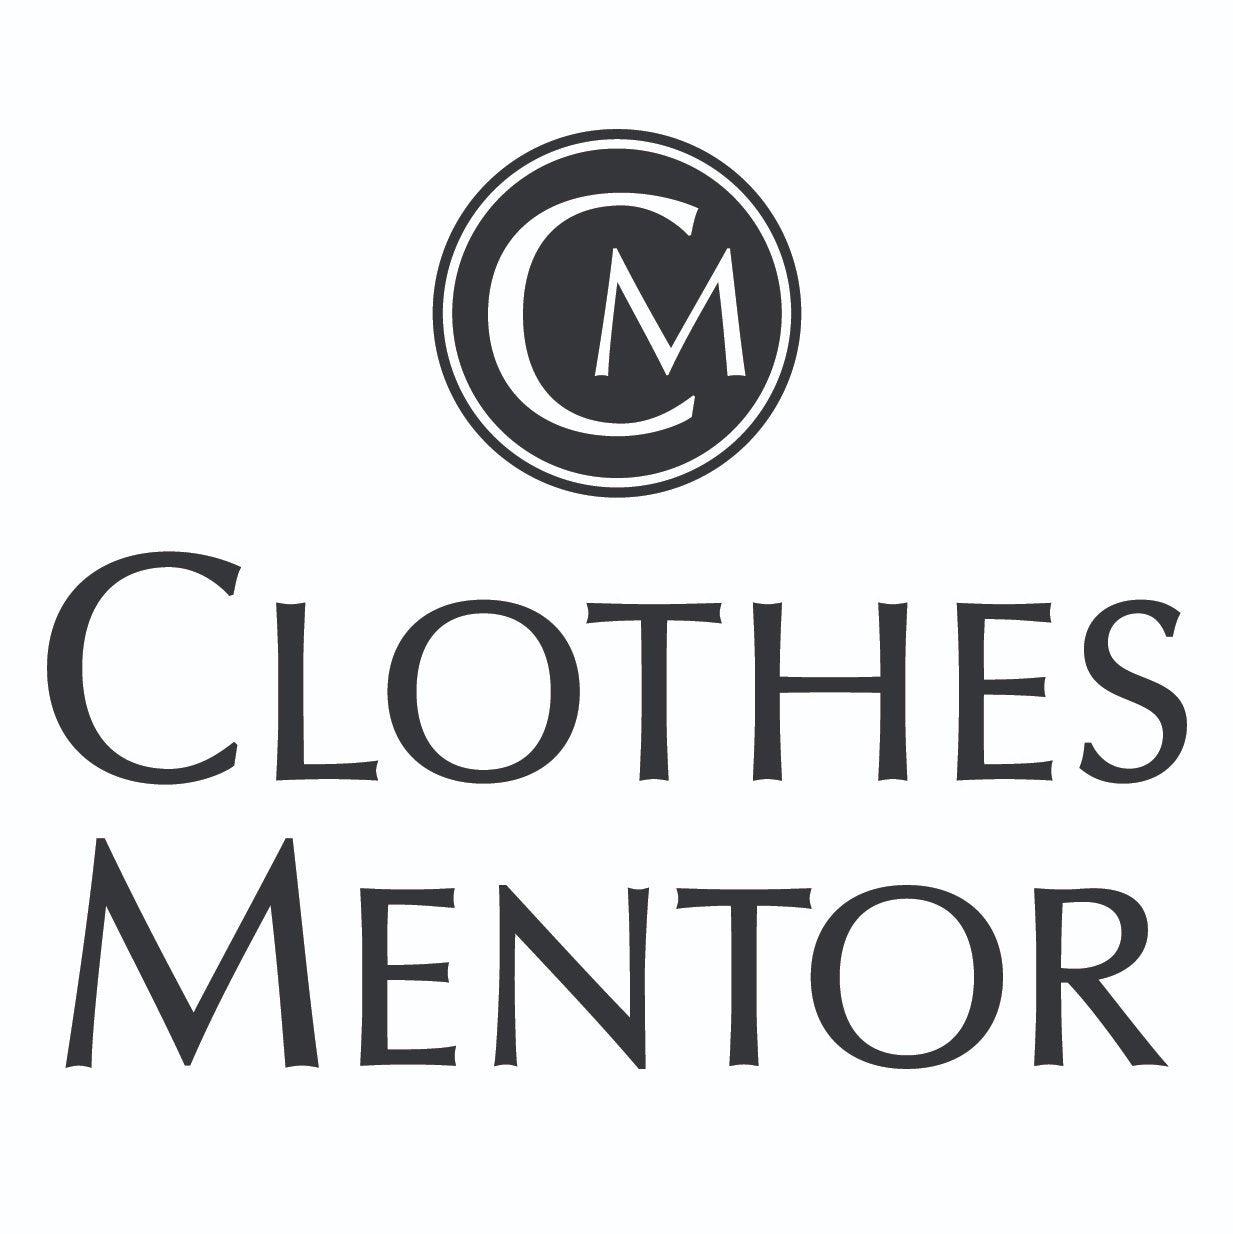 Clothes Mentor LLC